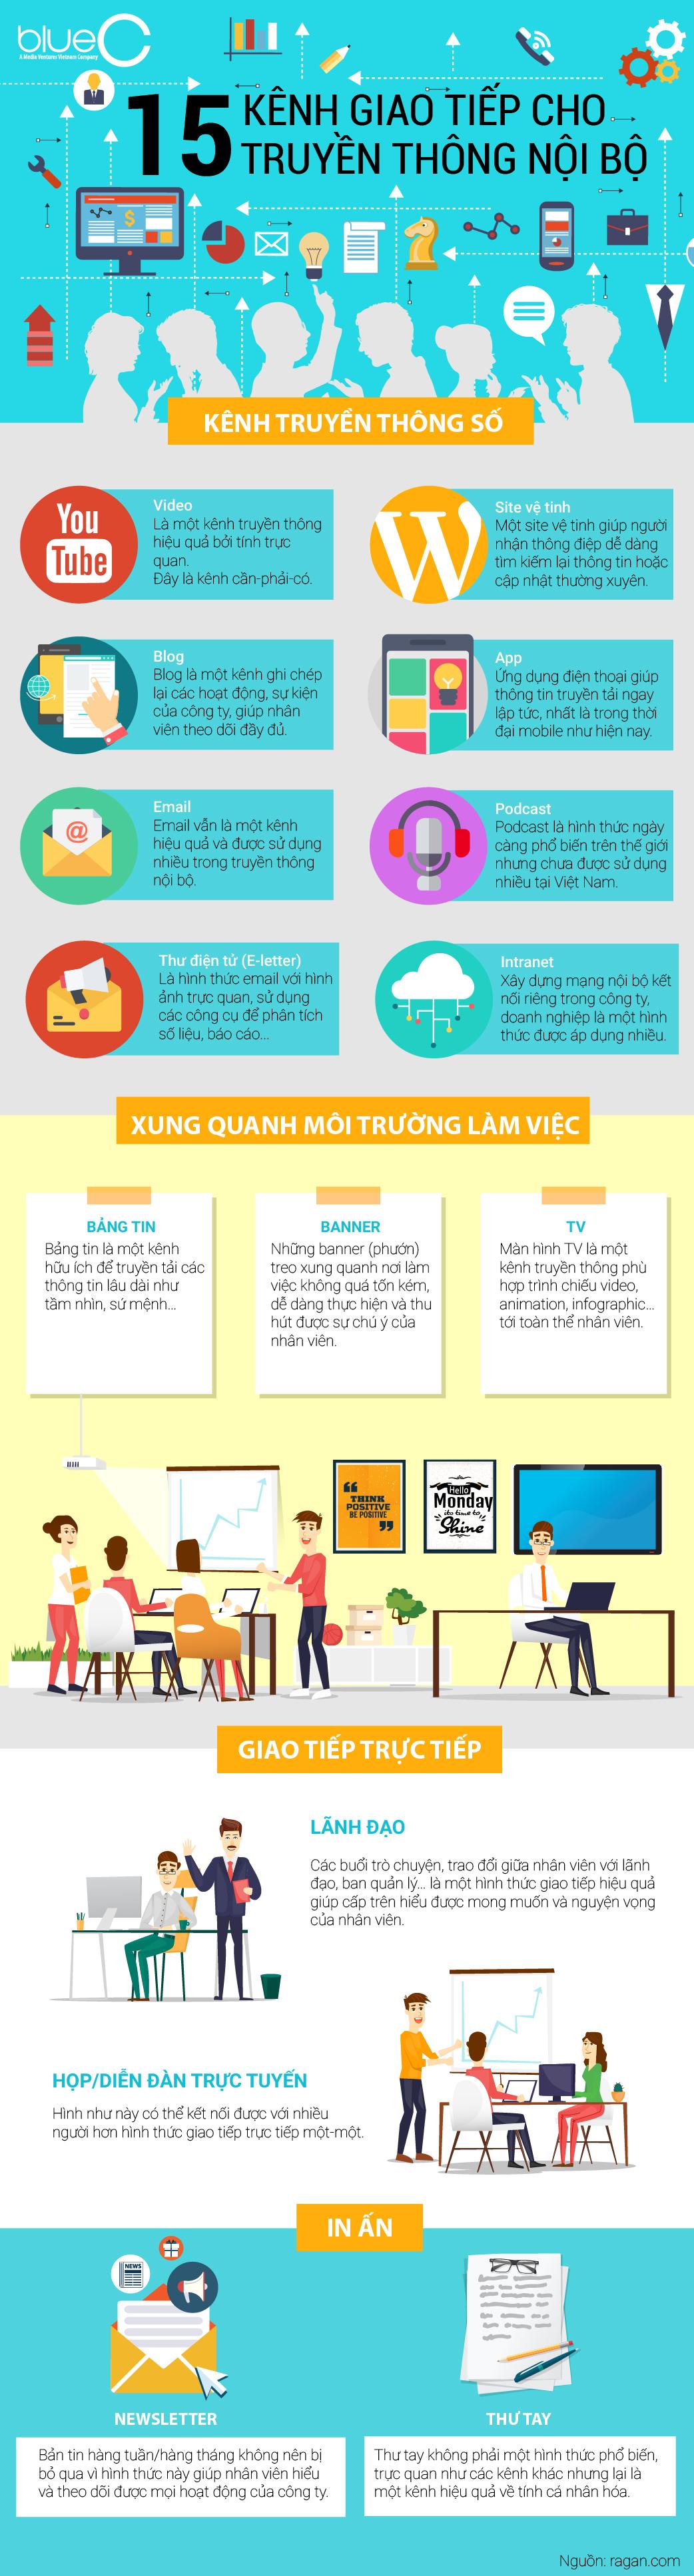 [Infographic] 15 kênh giao tiếp hiệu quả nhất trong TTNB